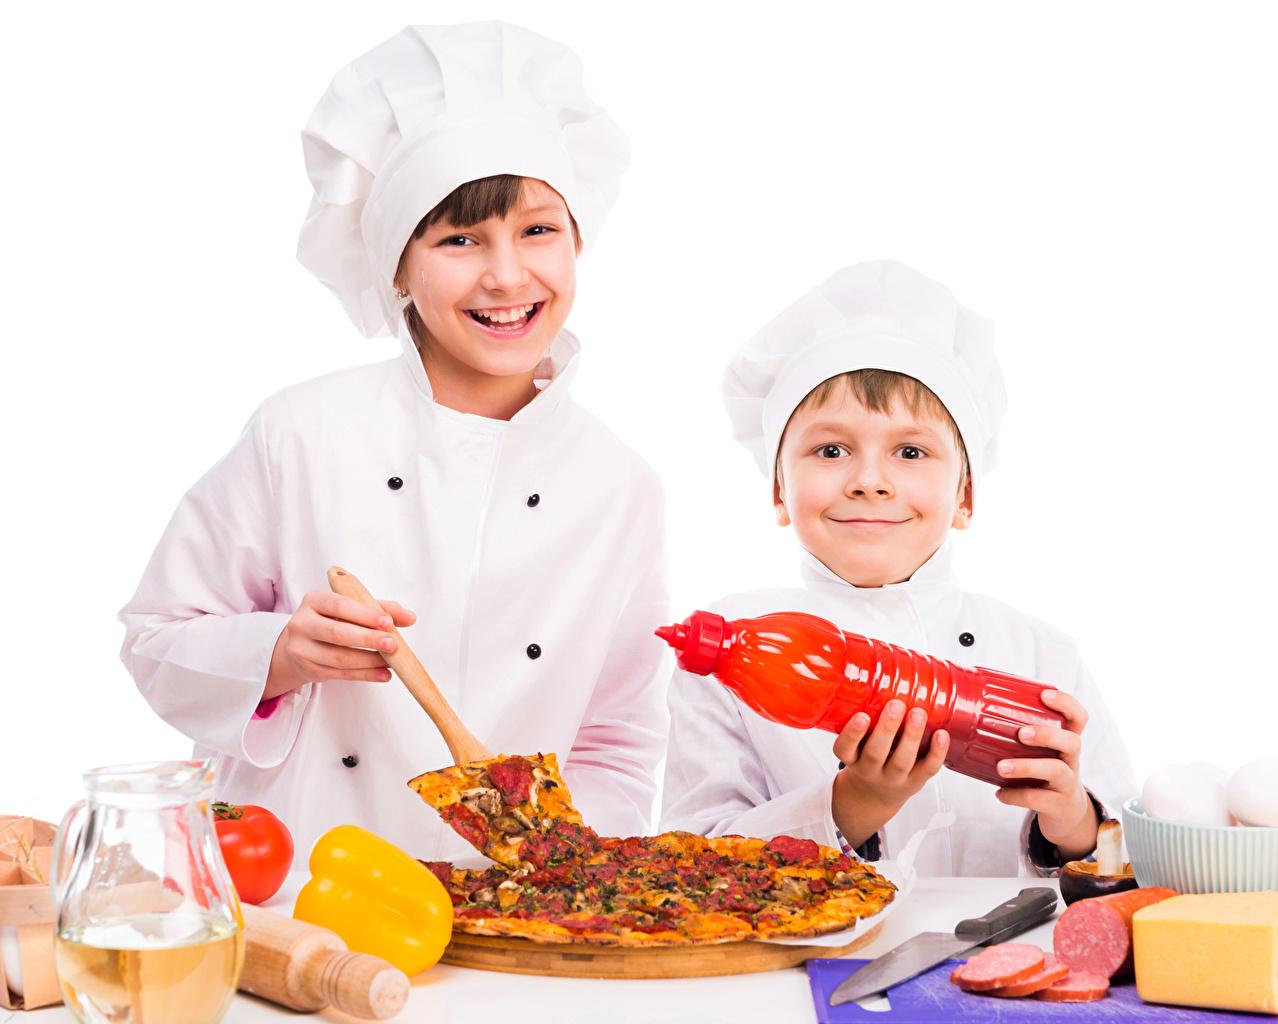 Фотография мальчик улыбается ребёнок два Пицца повары белом фоне Мальчики мальчишки мальчишка Улыбка Дети 2 две Двое вдвоем Повар повара Белый фон белым фоном